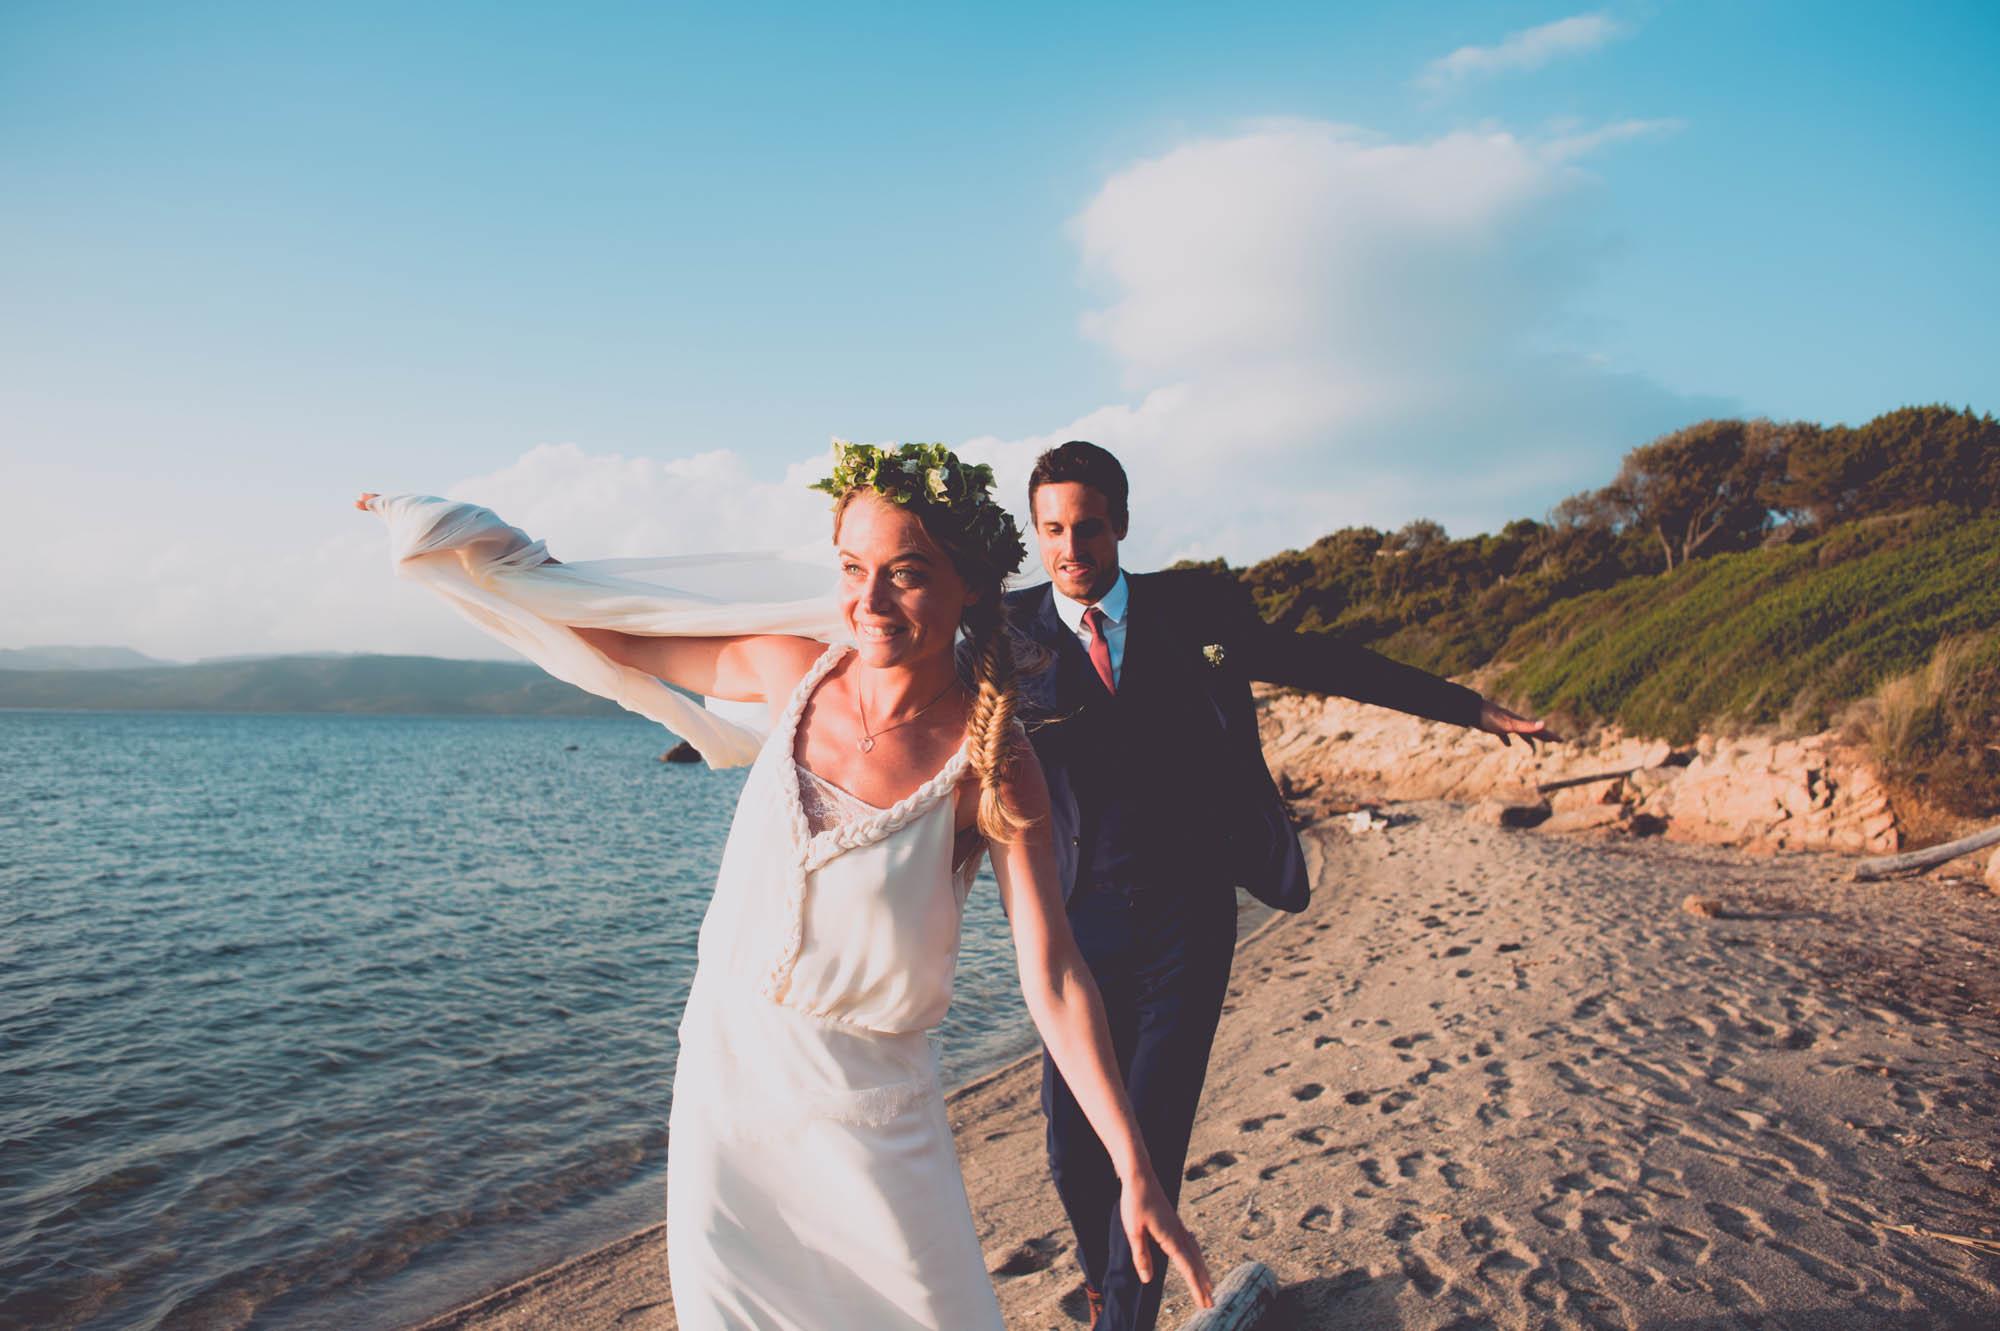 Photographe mariage bohème chic Corse Bonifacio - C et A (94)